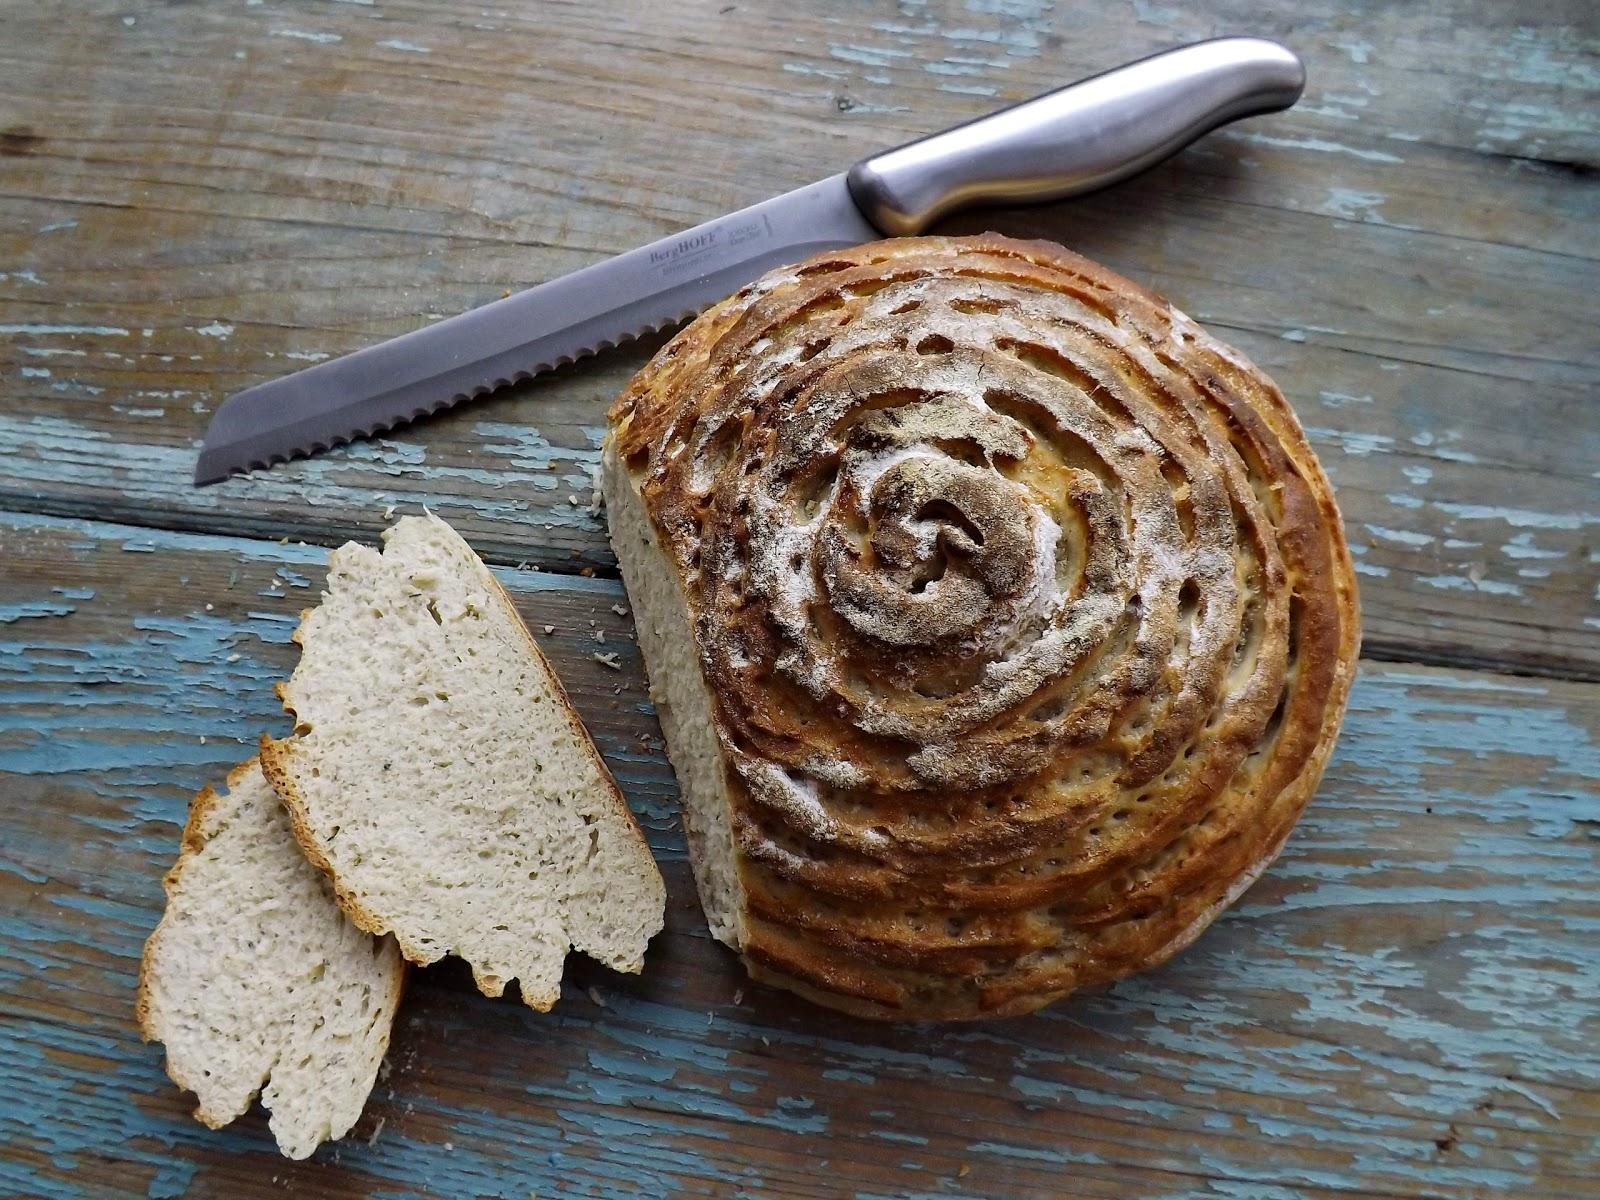 Chleb pszenno żytni z czosnkiem niedźwiedzim i pieprzem